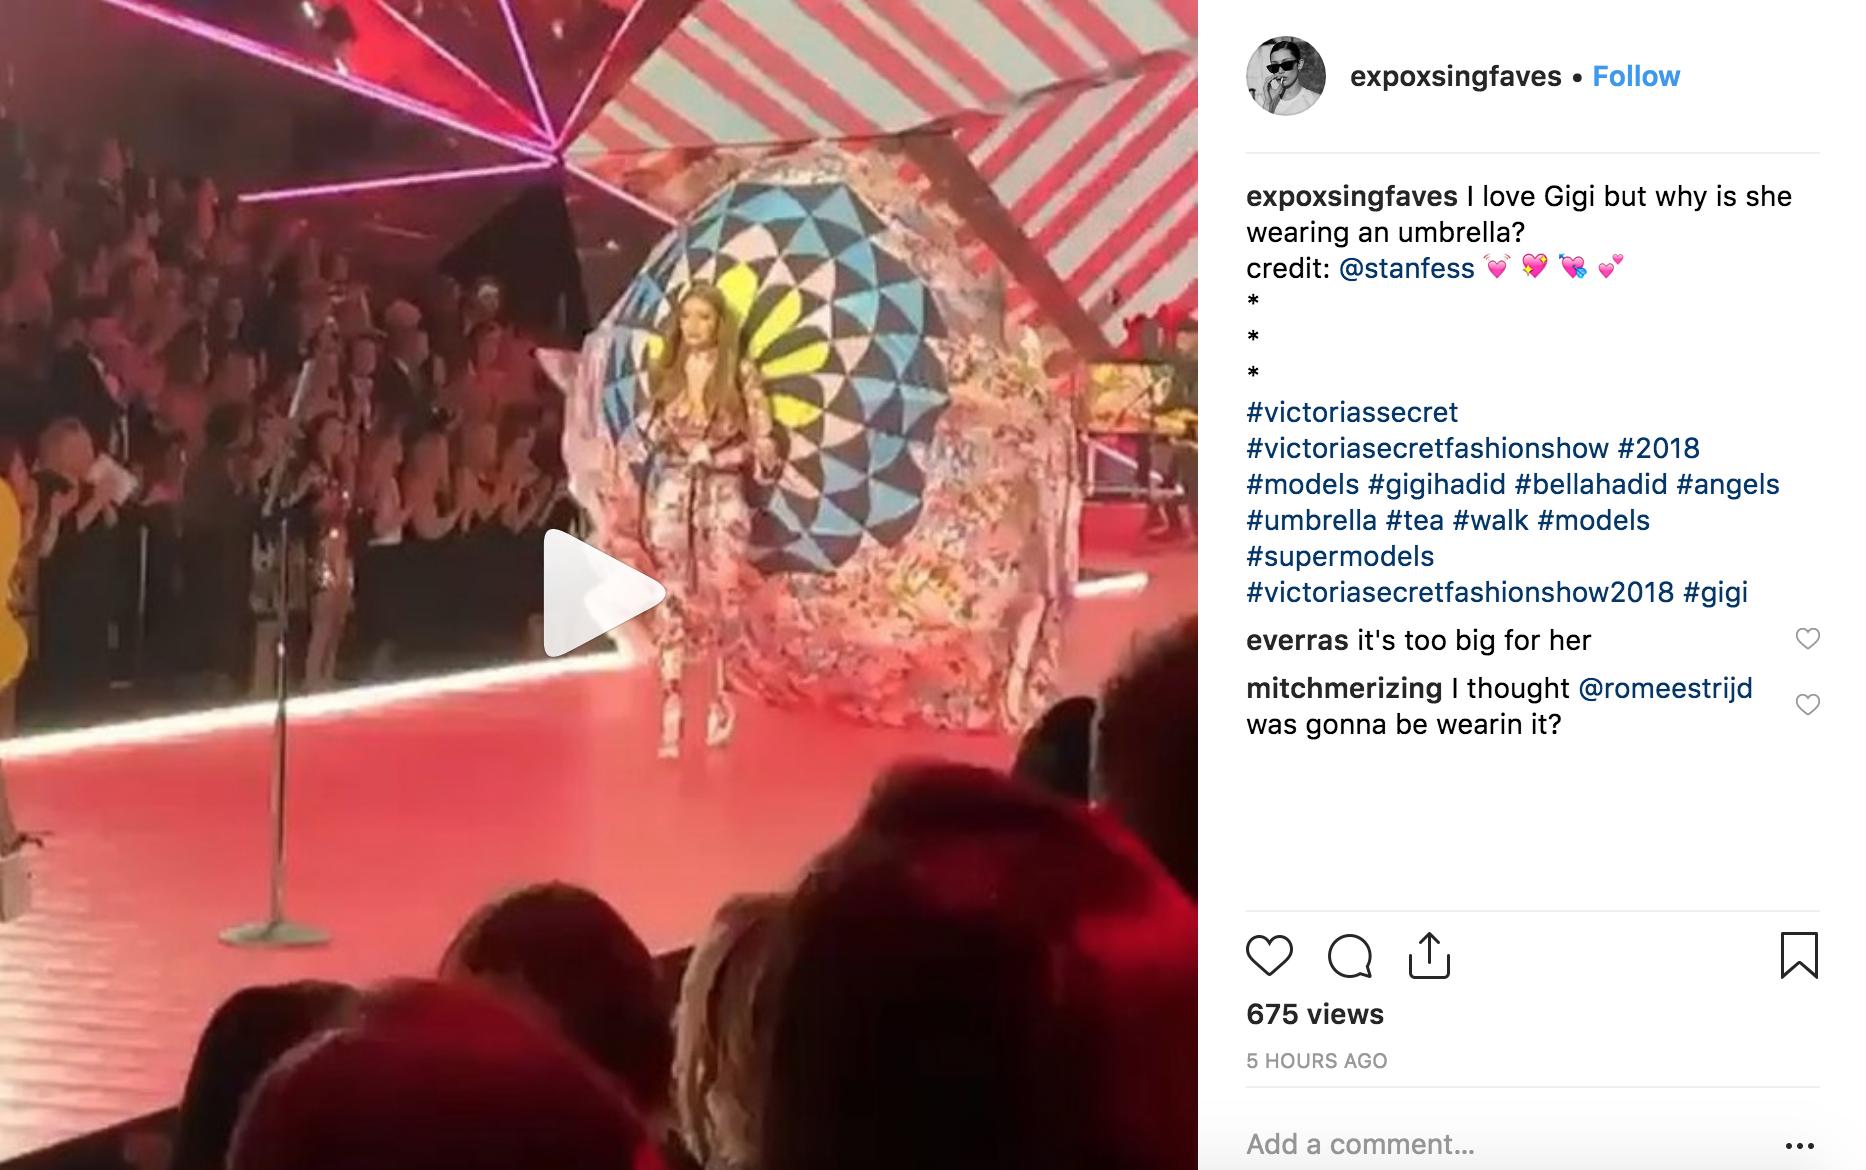 Gigi Hadid diễn nội y mà dân tình tưởng như cô nàng đang vác khinh khí cầu lên sàn diễn của Victorias Secret - Ảnh 4.